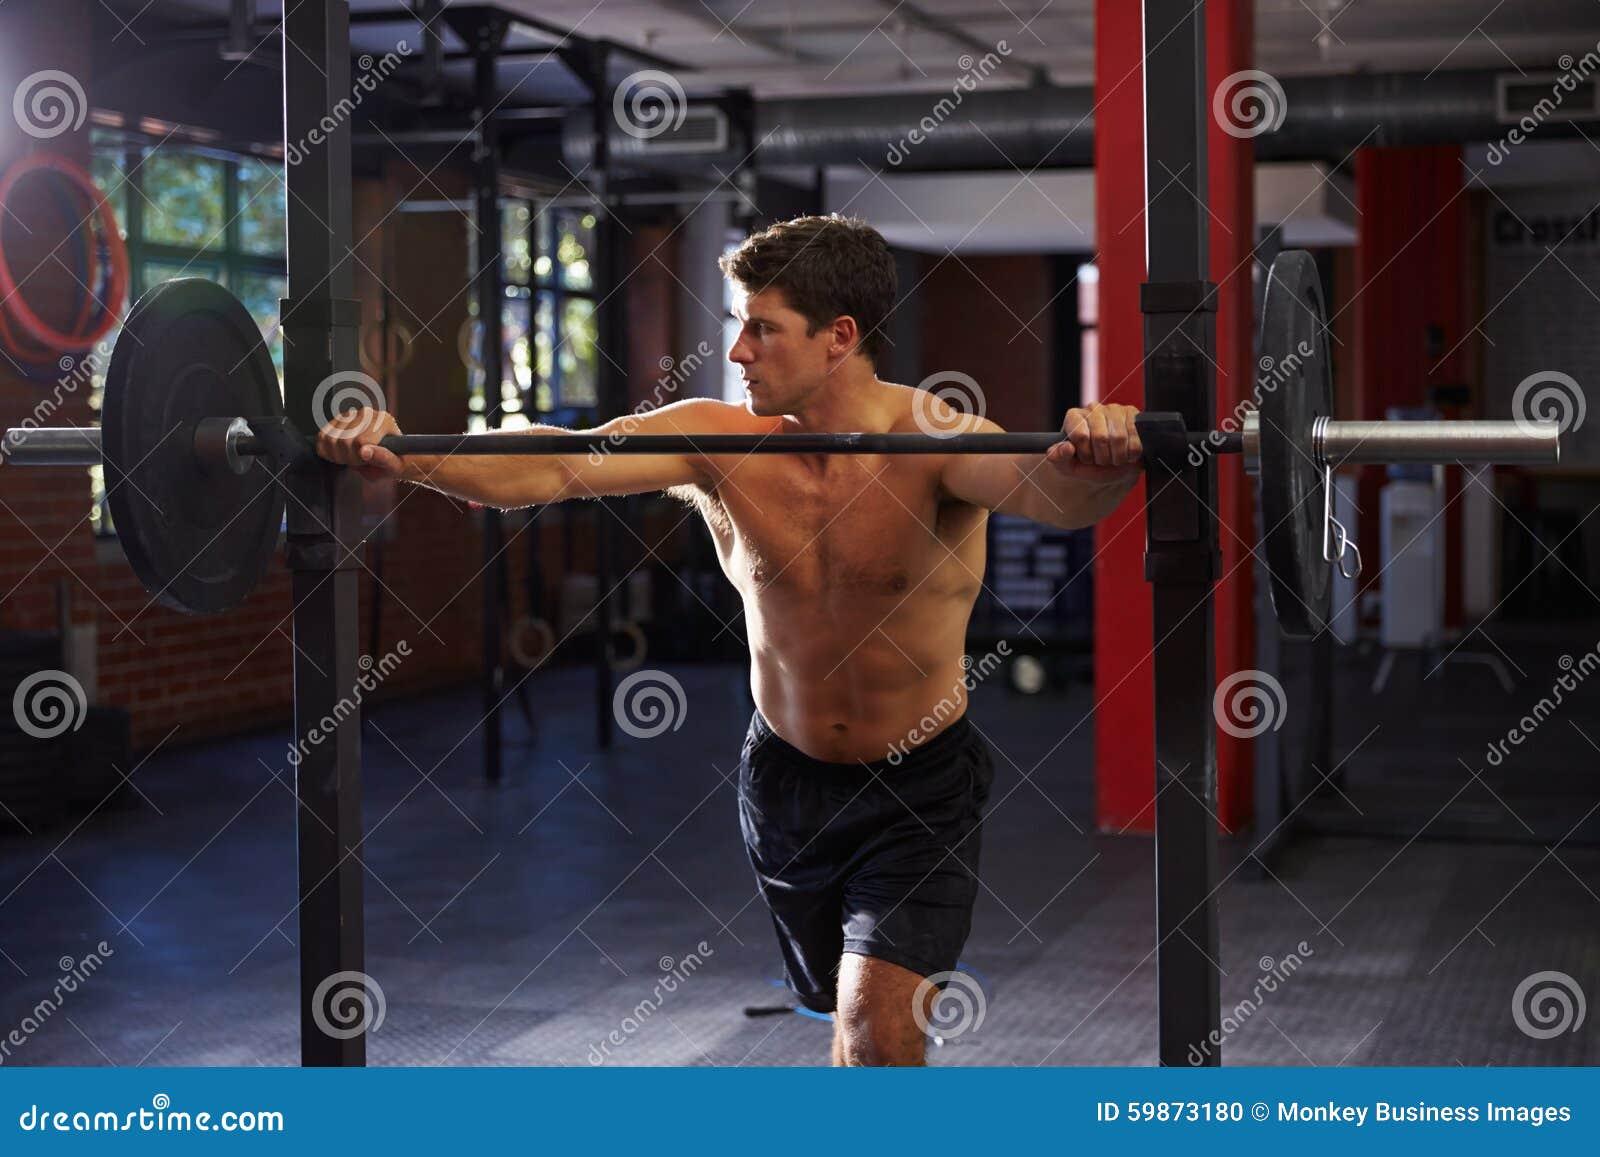 μοντέλα γυμναστικής γυμνές φωτογραφίες μαύρο μουνί xxxxx